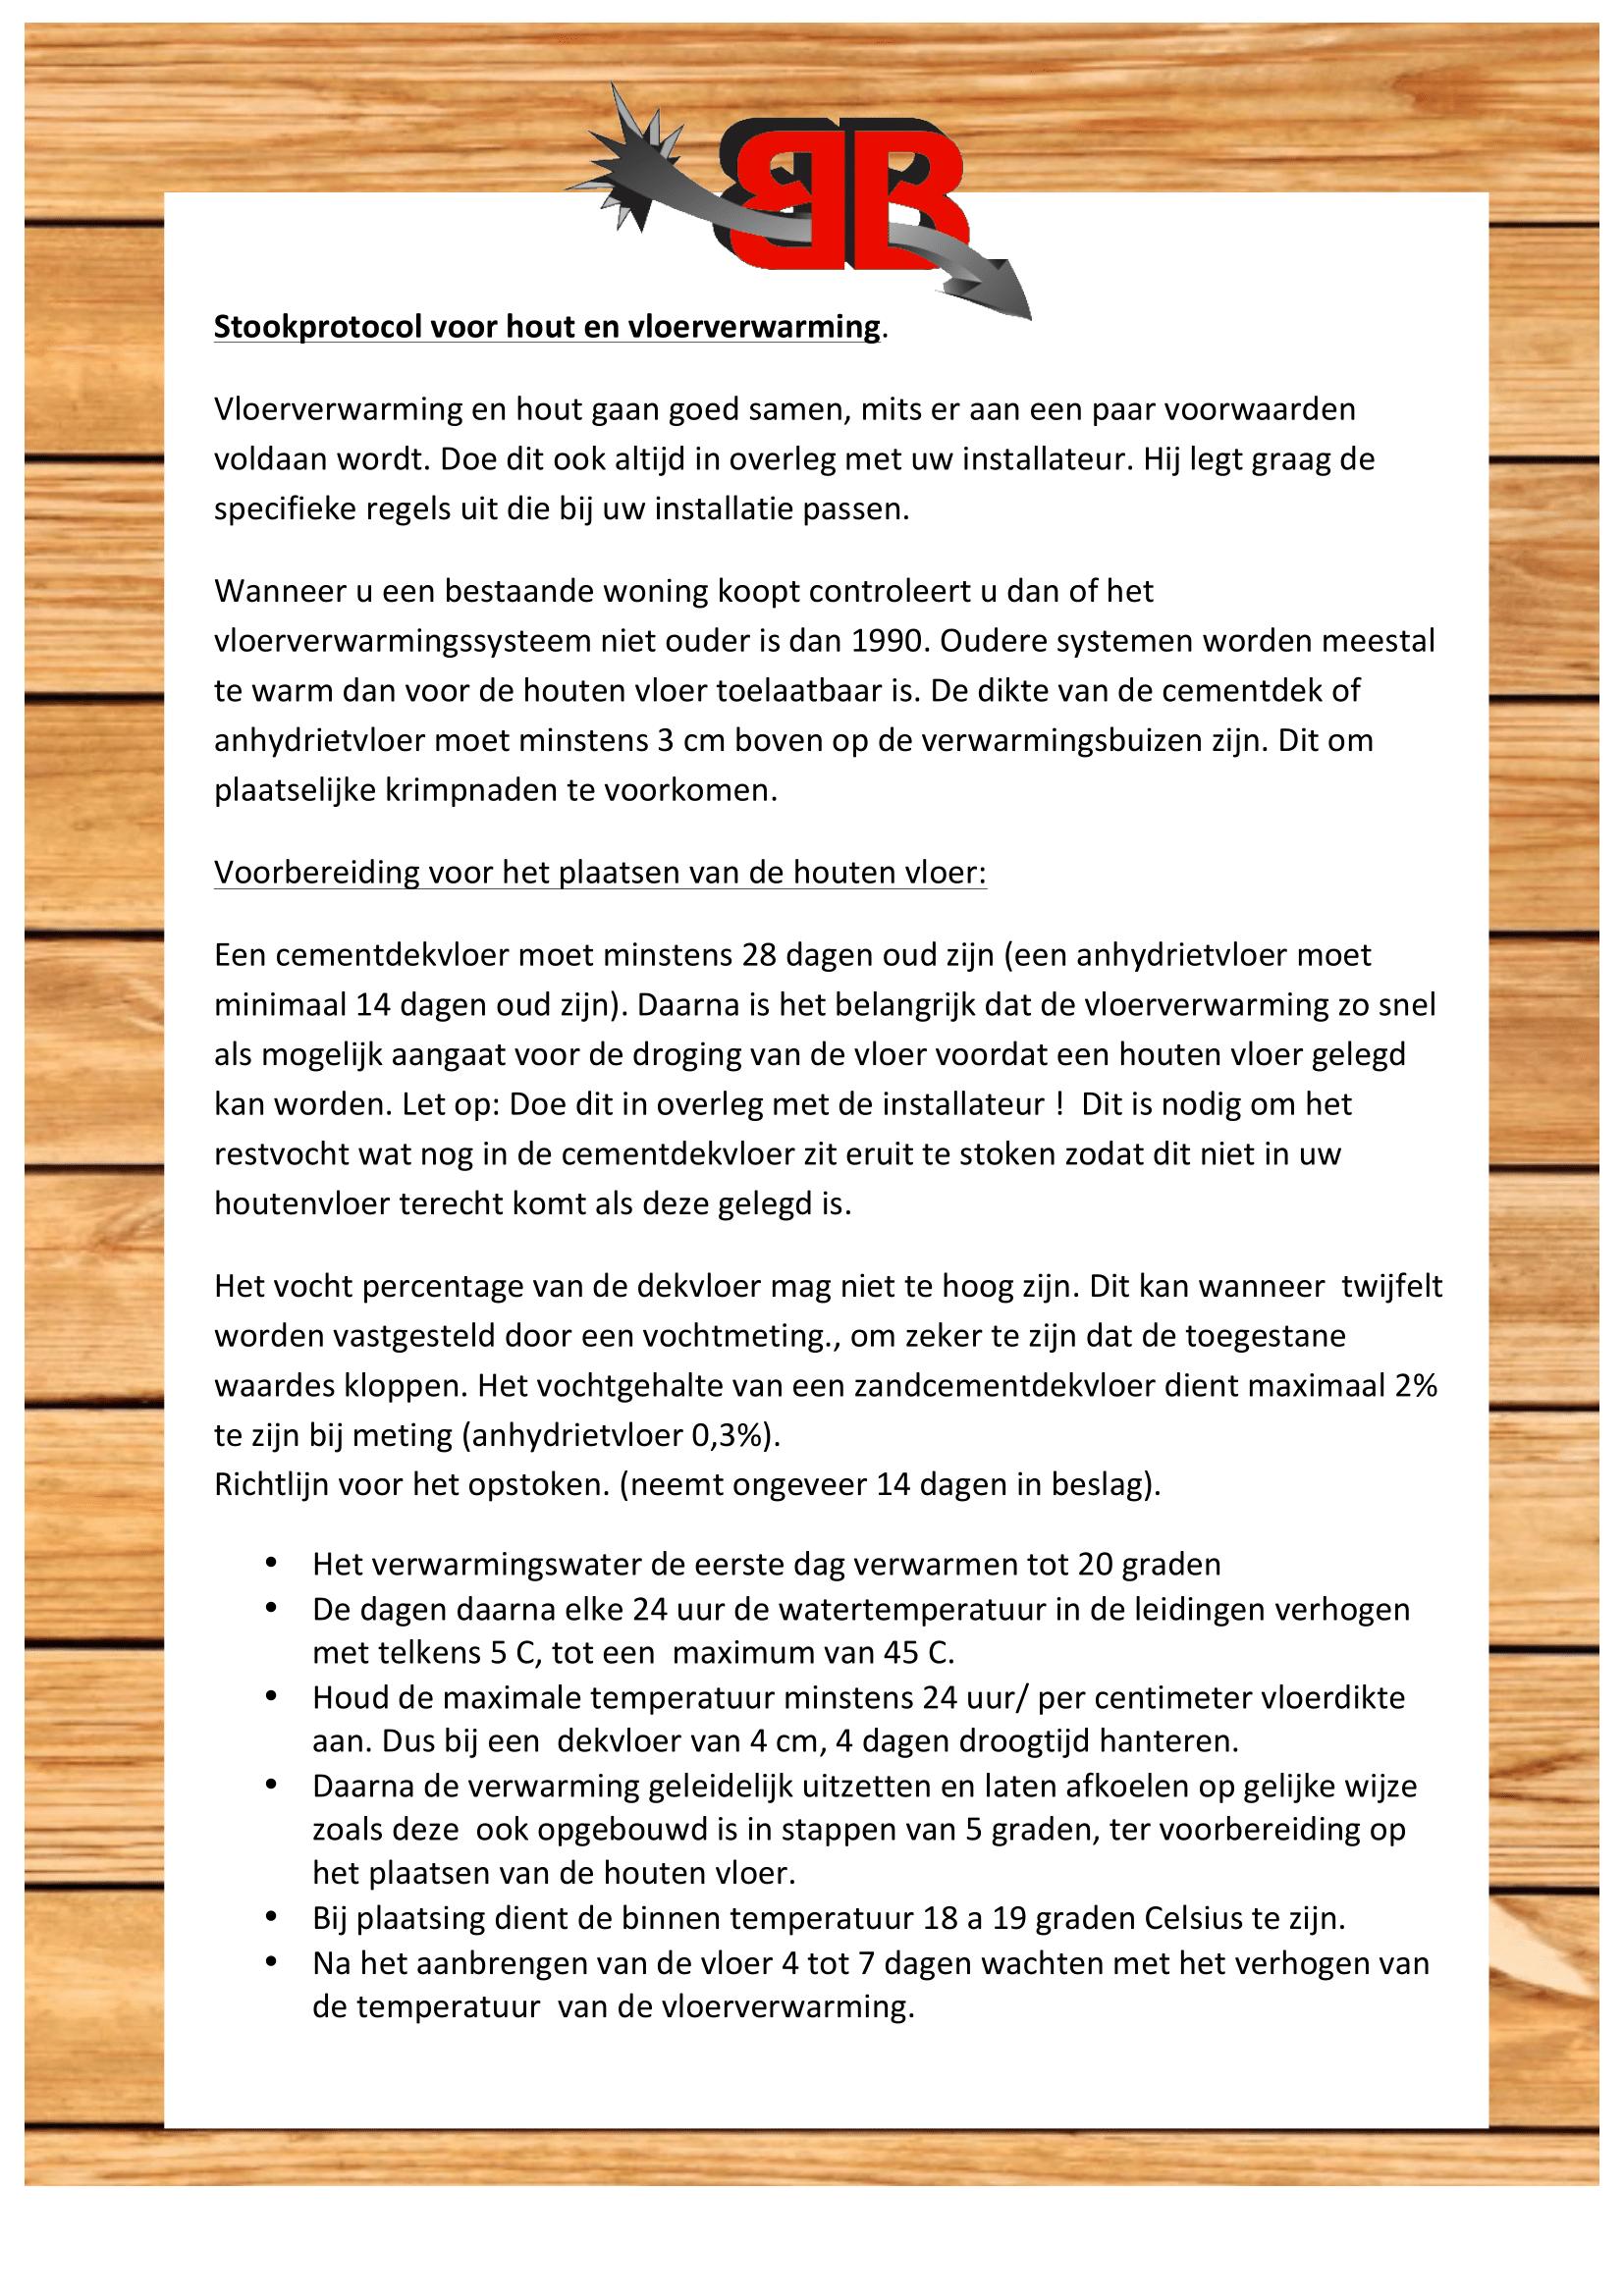 Bebo Stookprotocol 1.2-1